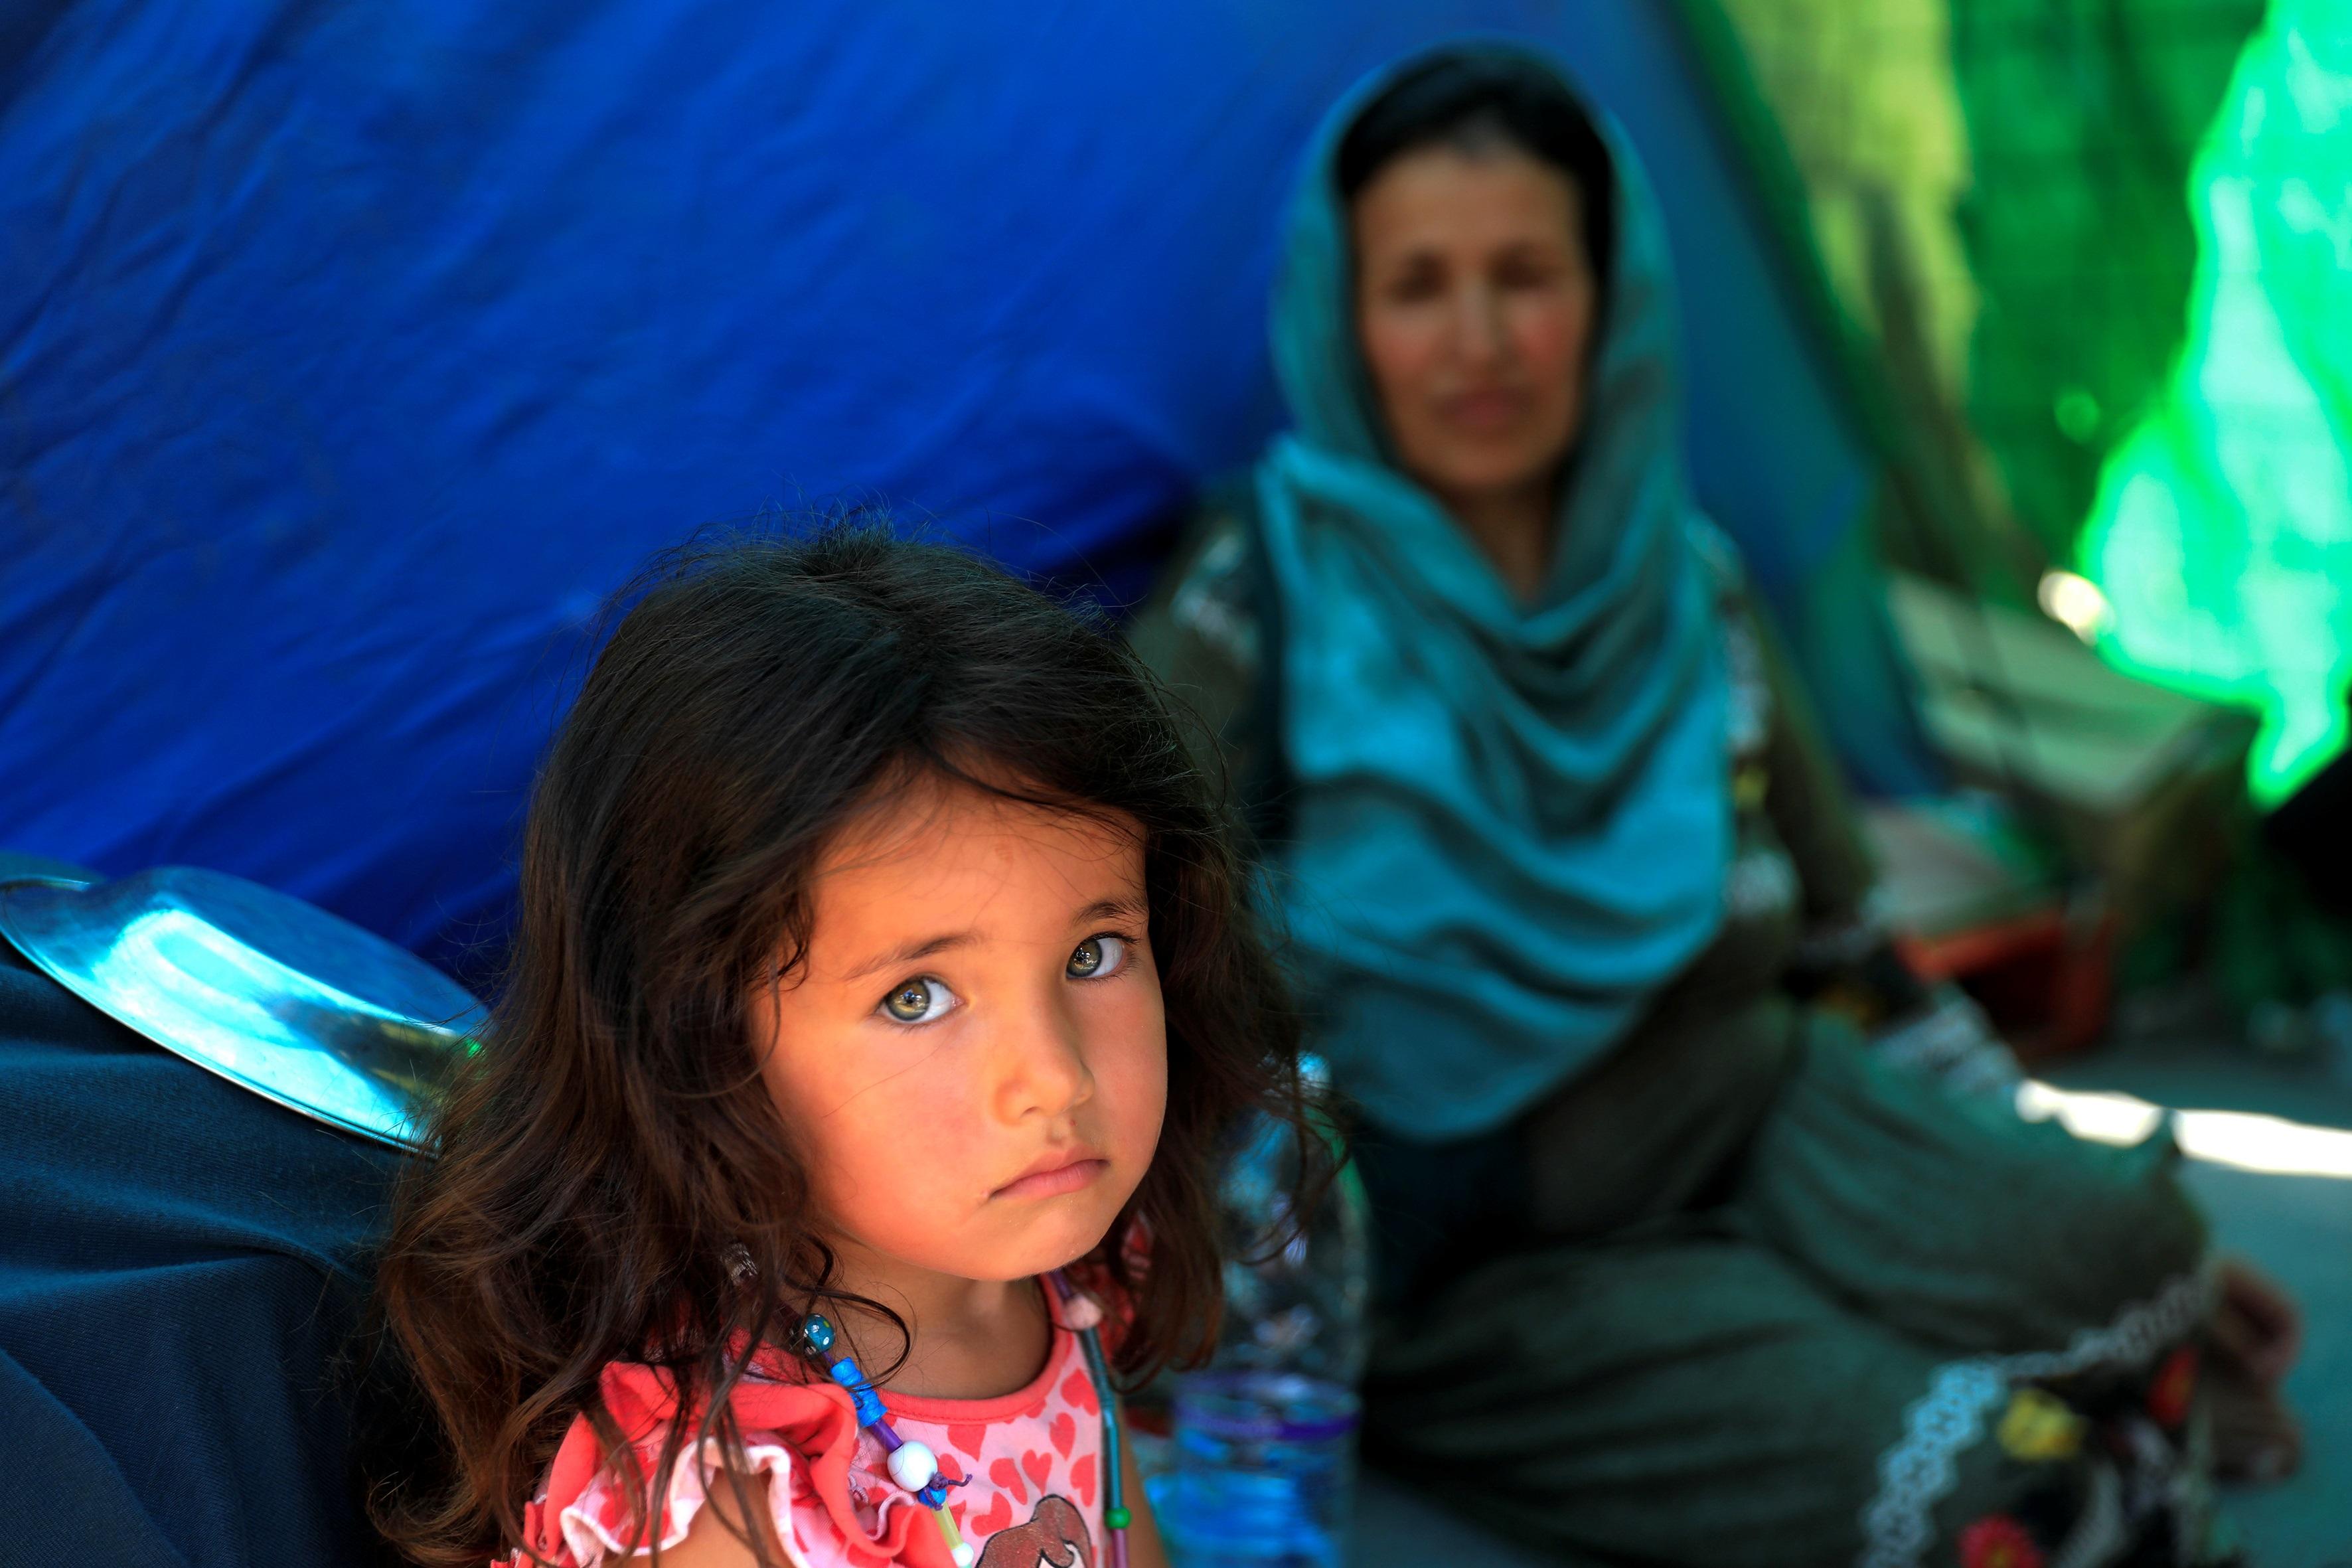 Ευρωπαϊκή Ένωση: Δεν τα βρίσκουν για την κατανομή προσφύγων οι χώρες – μέλη